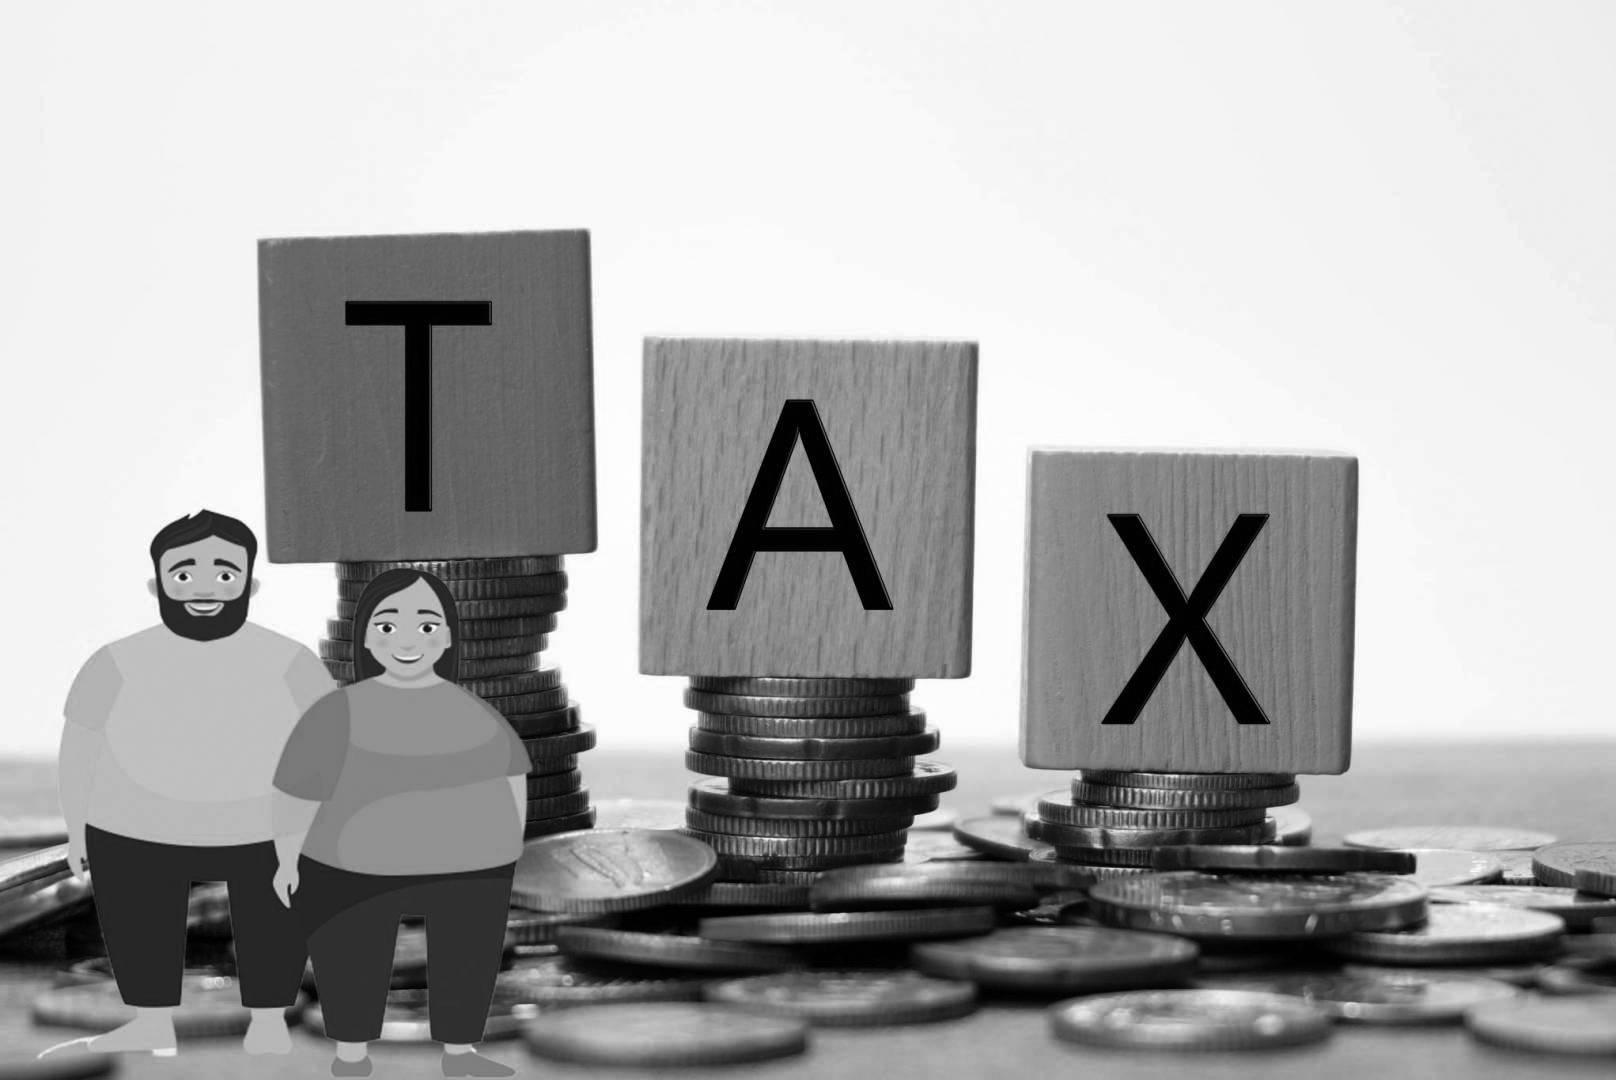 هل الضرائب هي الأسلوب الأفضل لمحاربة السمنة؟